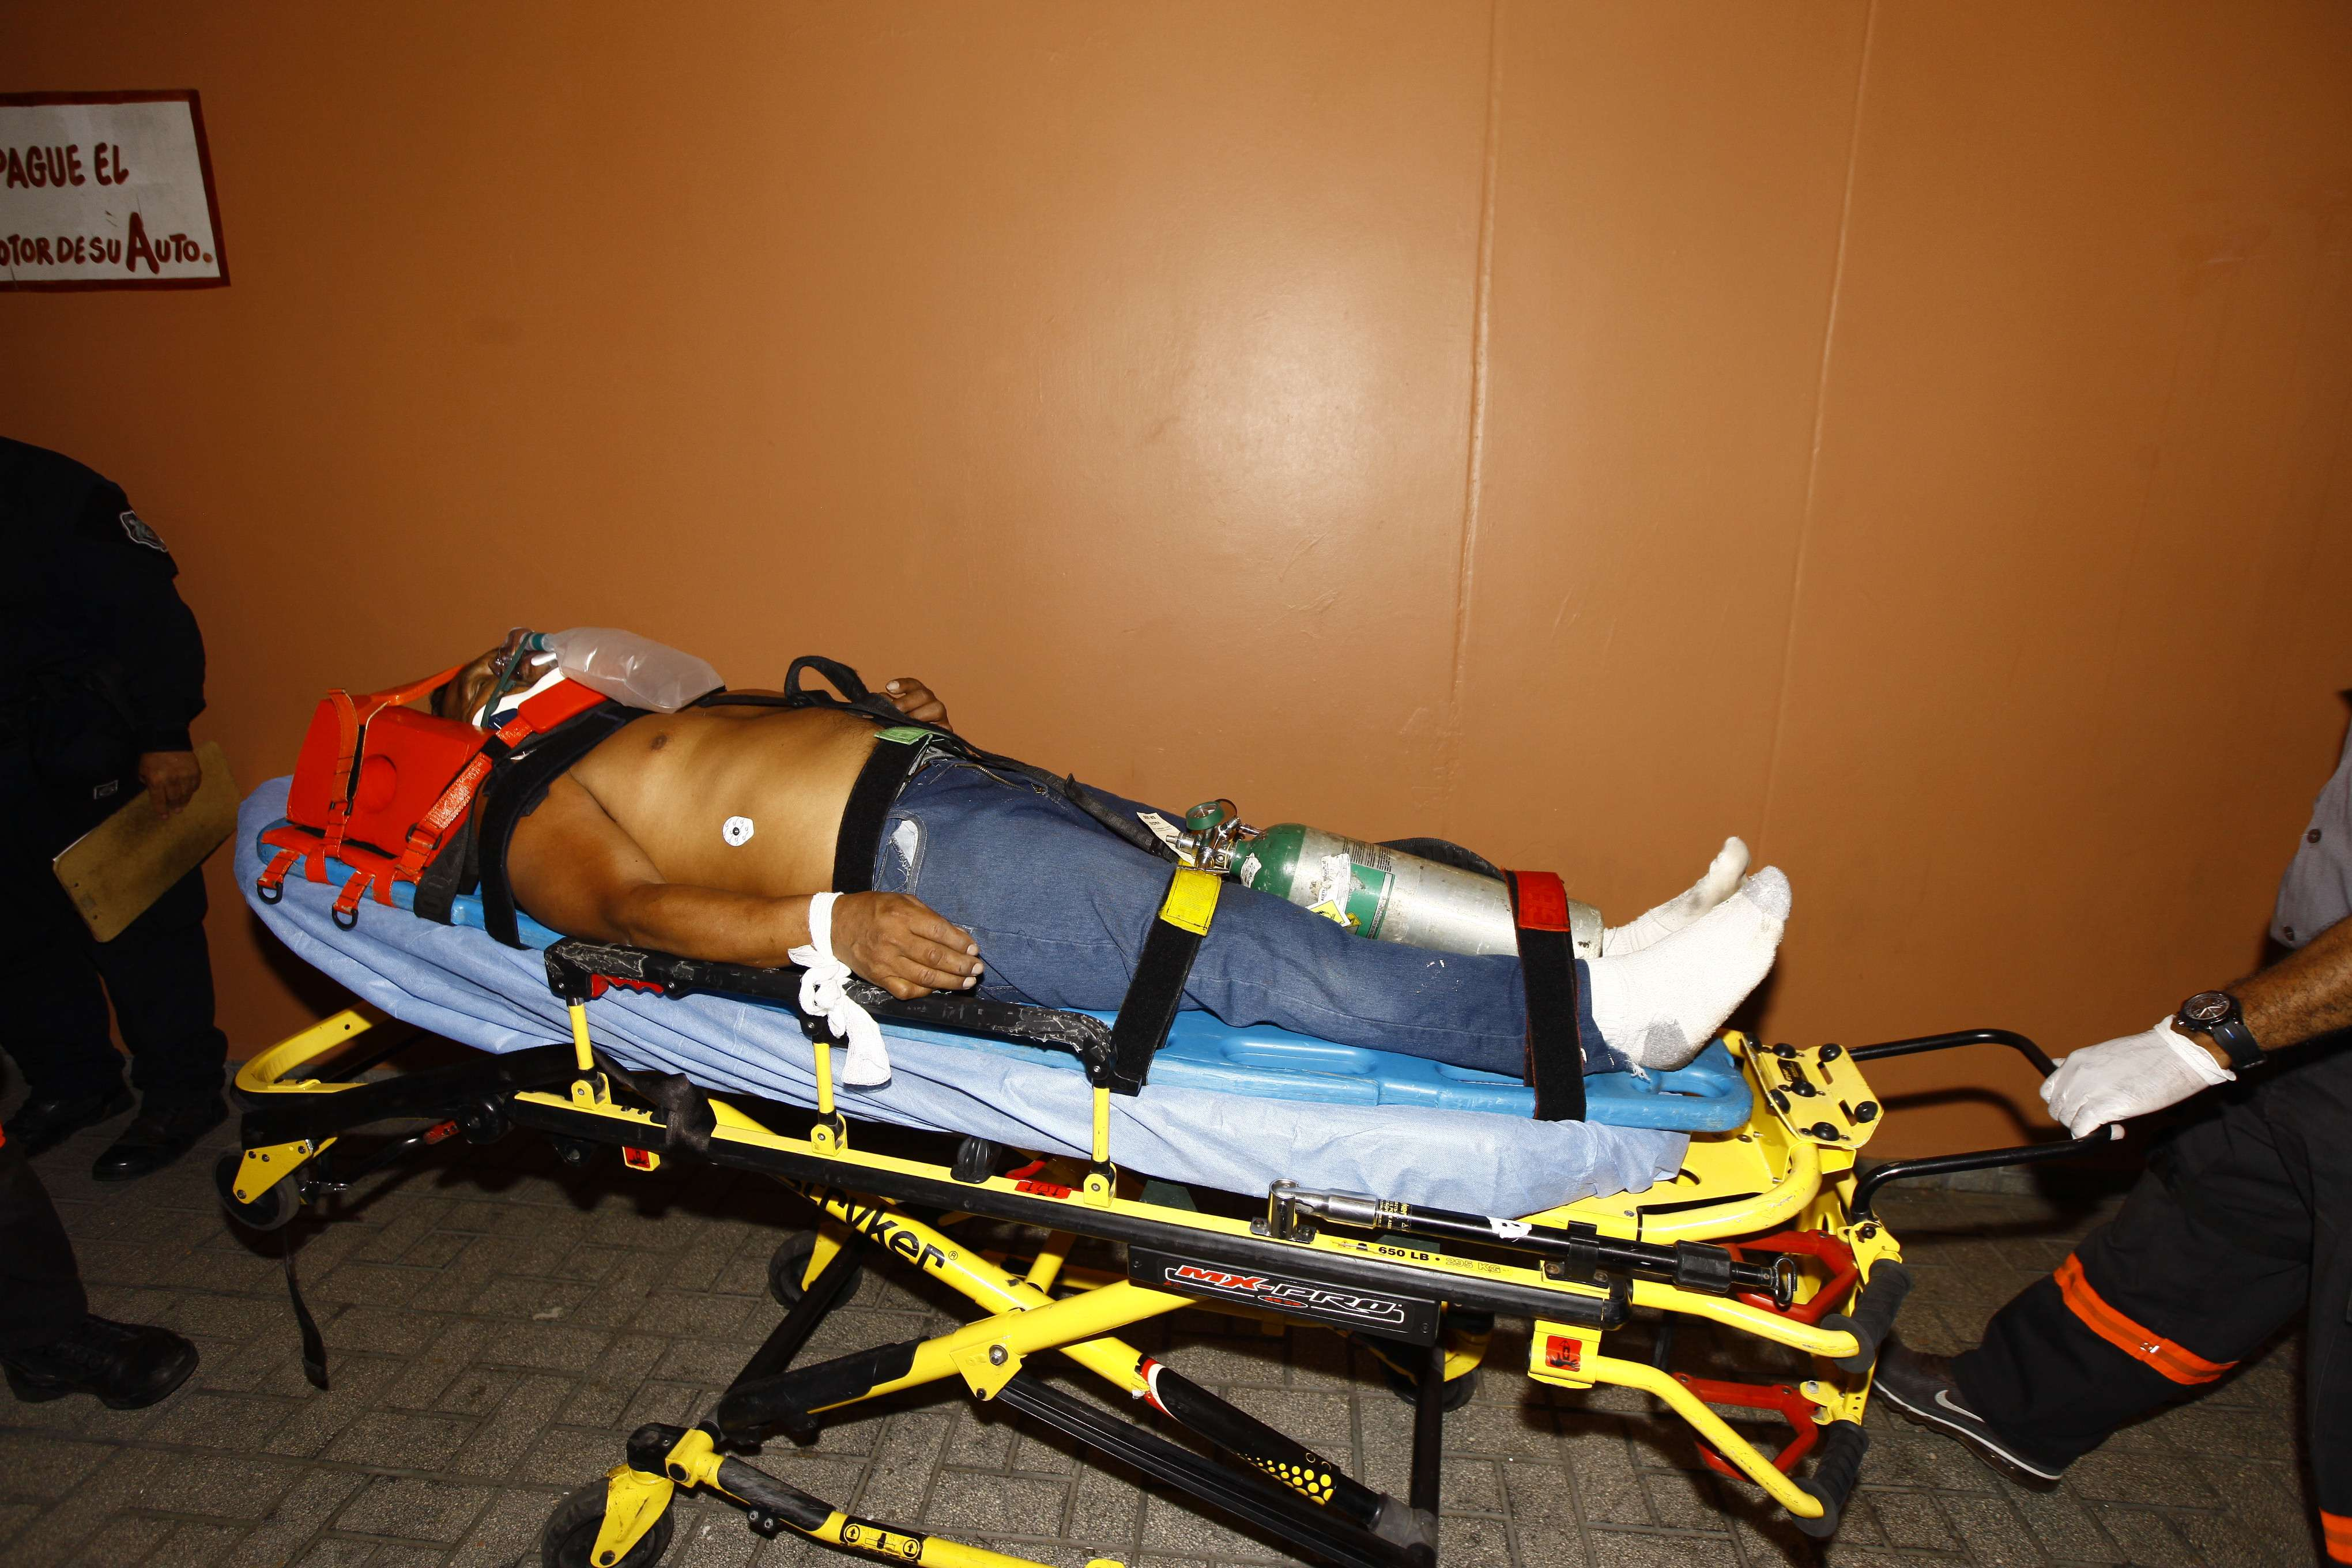 La víctima se recluida en en hospital Santo Tomás, fuera de peligro. Foto: Alexander Santamaría